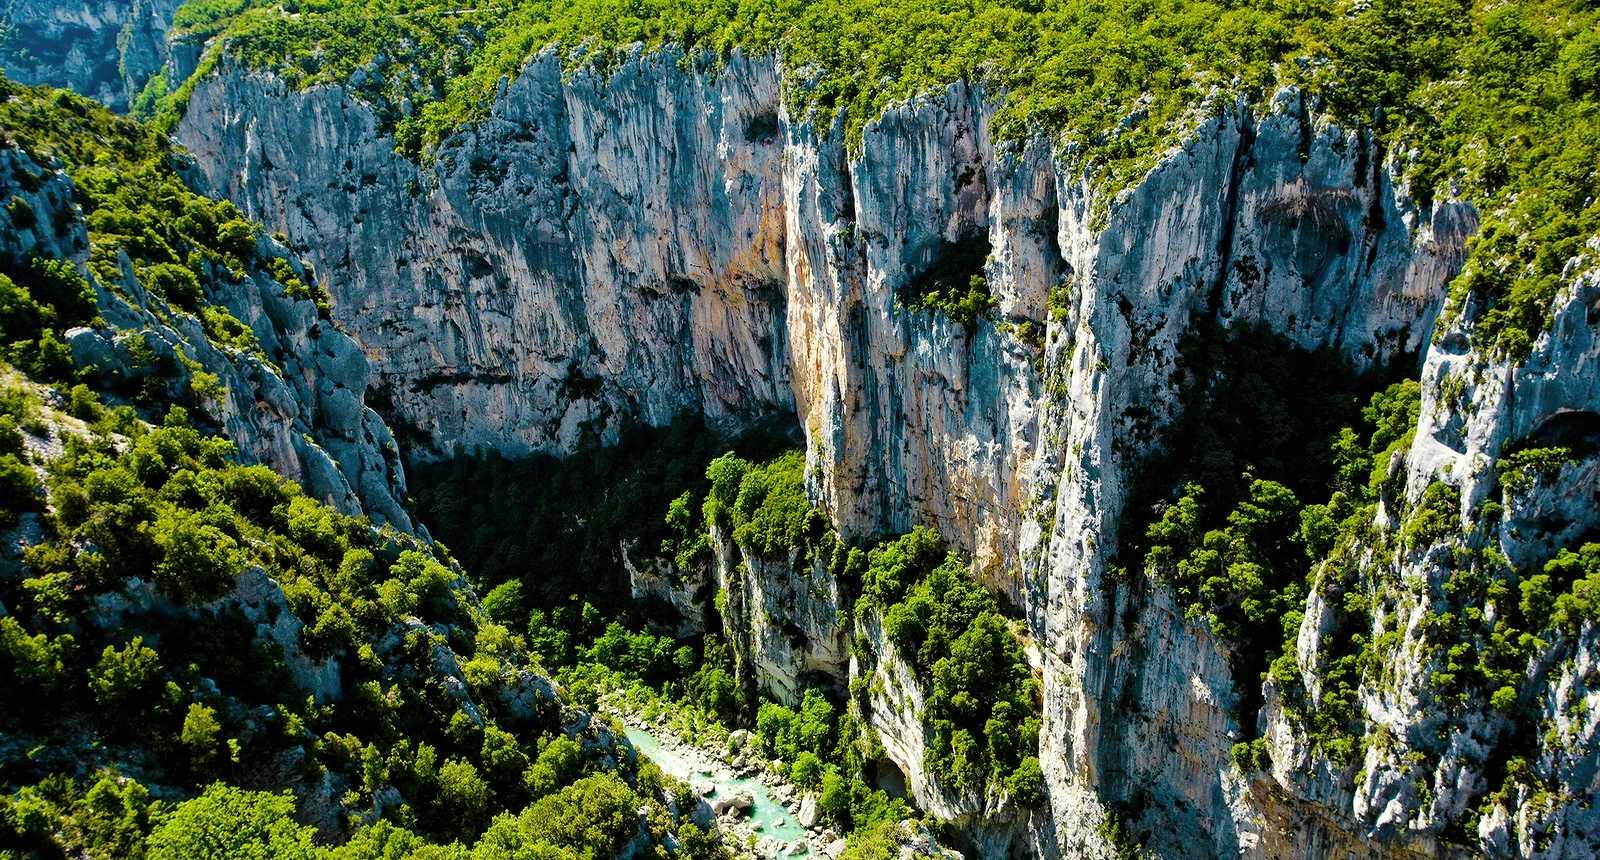 Les Gorges du Verdon en Provence